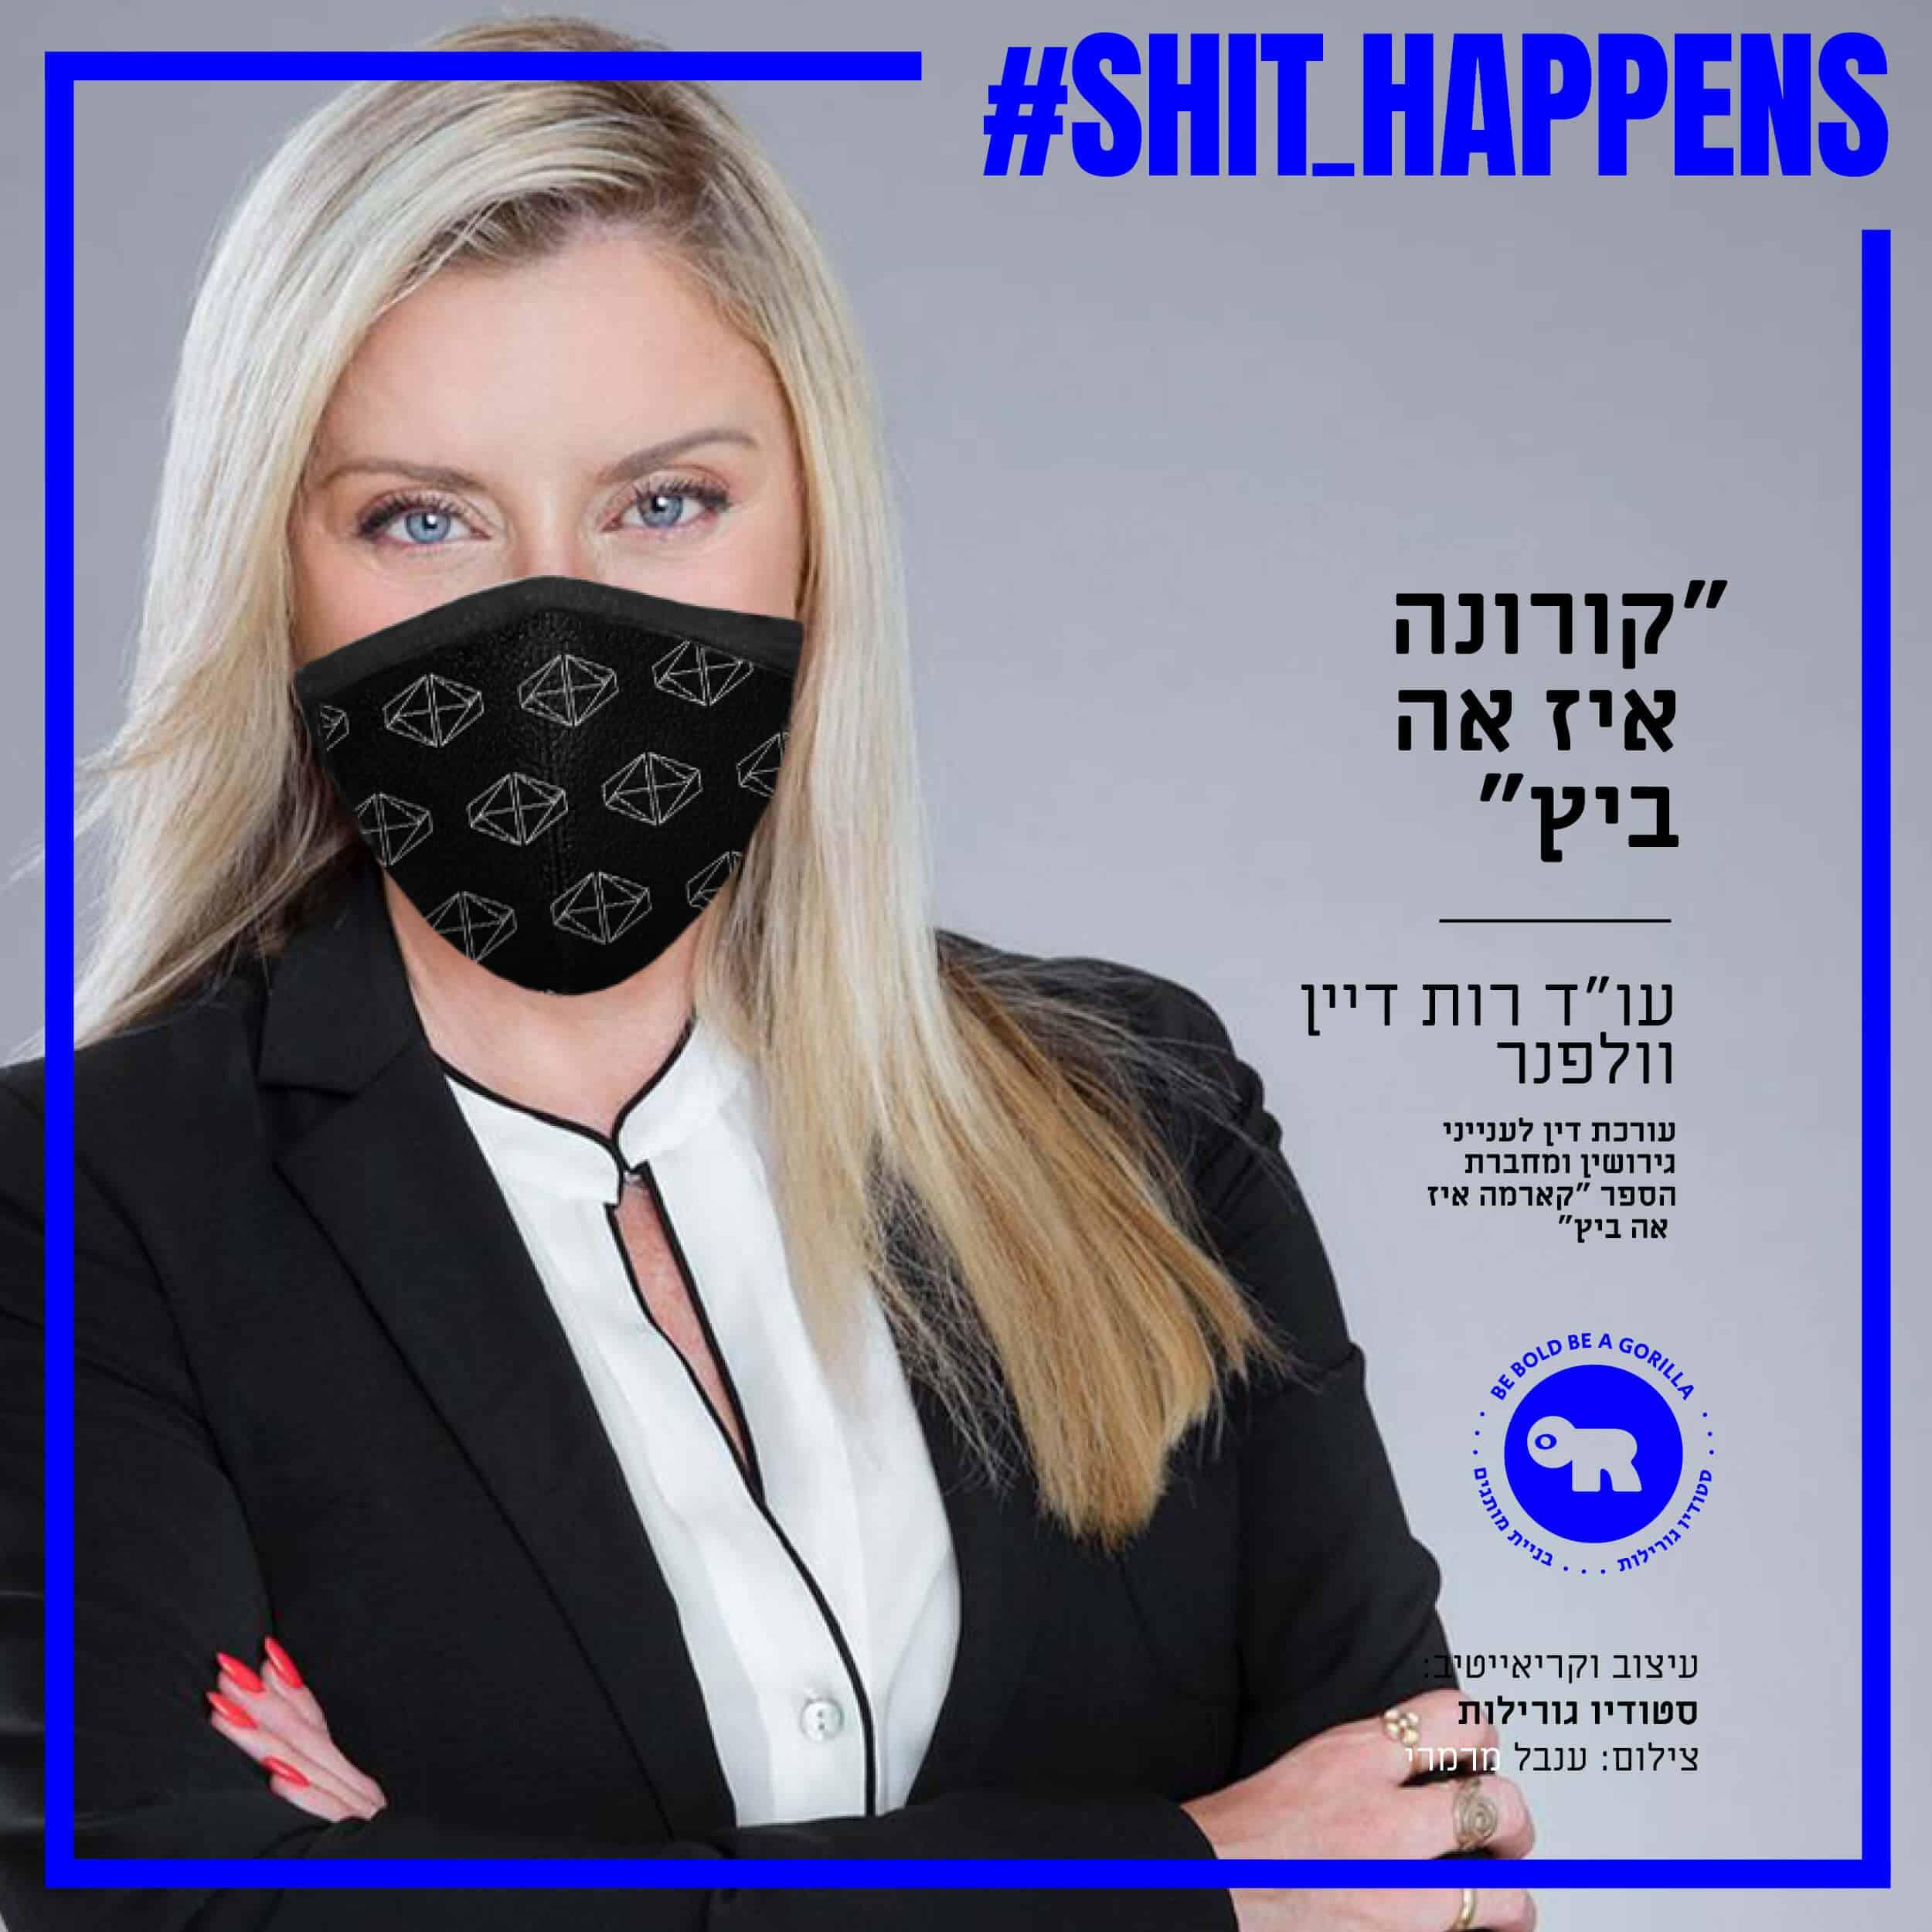 תמונה של עורכת דין רות דיין וולפנר מתוך קמפיין ״שיט הפנדס״